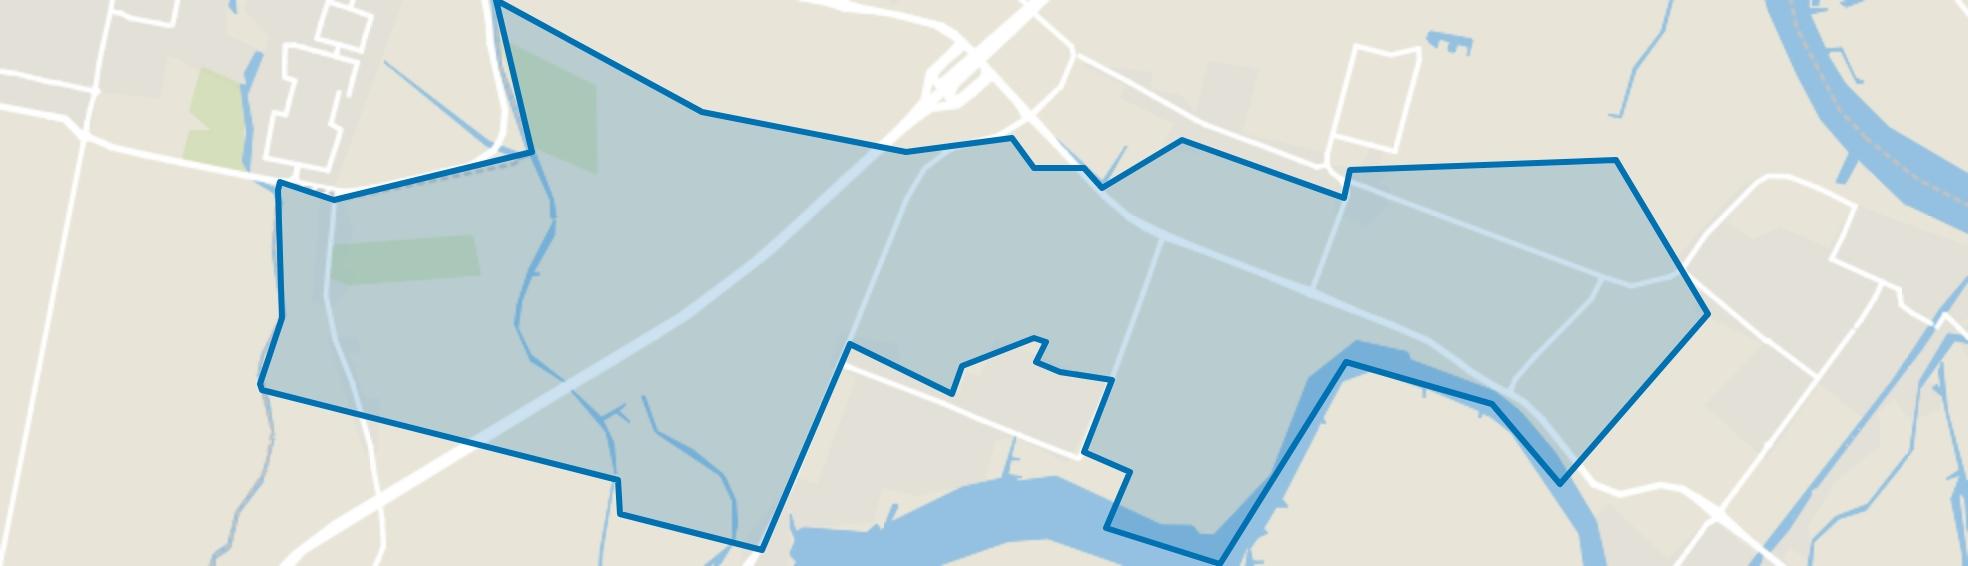 Mijnsheerenland Buitengebied, Mijnsheerenland map